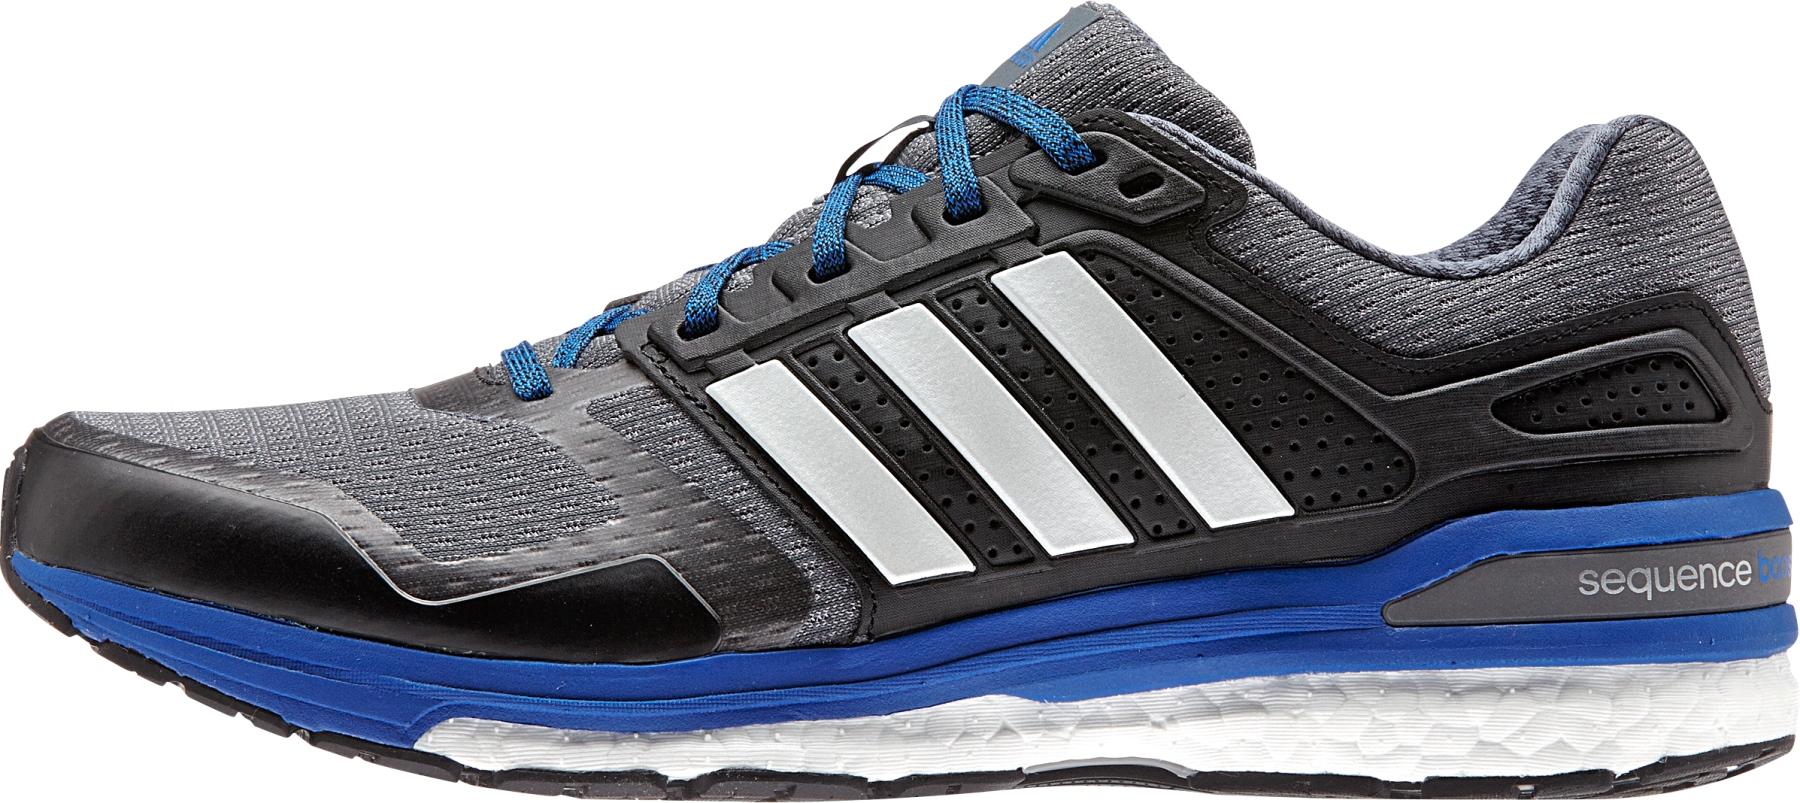 Las zapatillas para correr con más control de la pronación